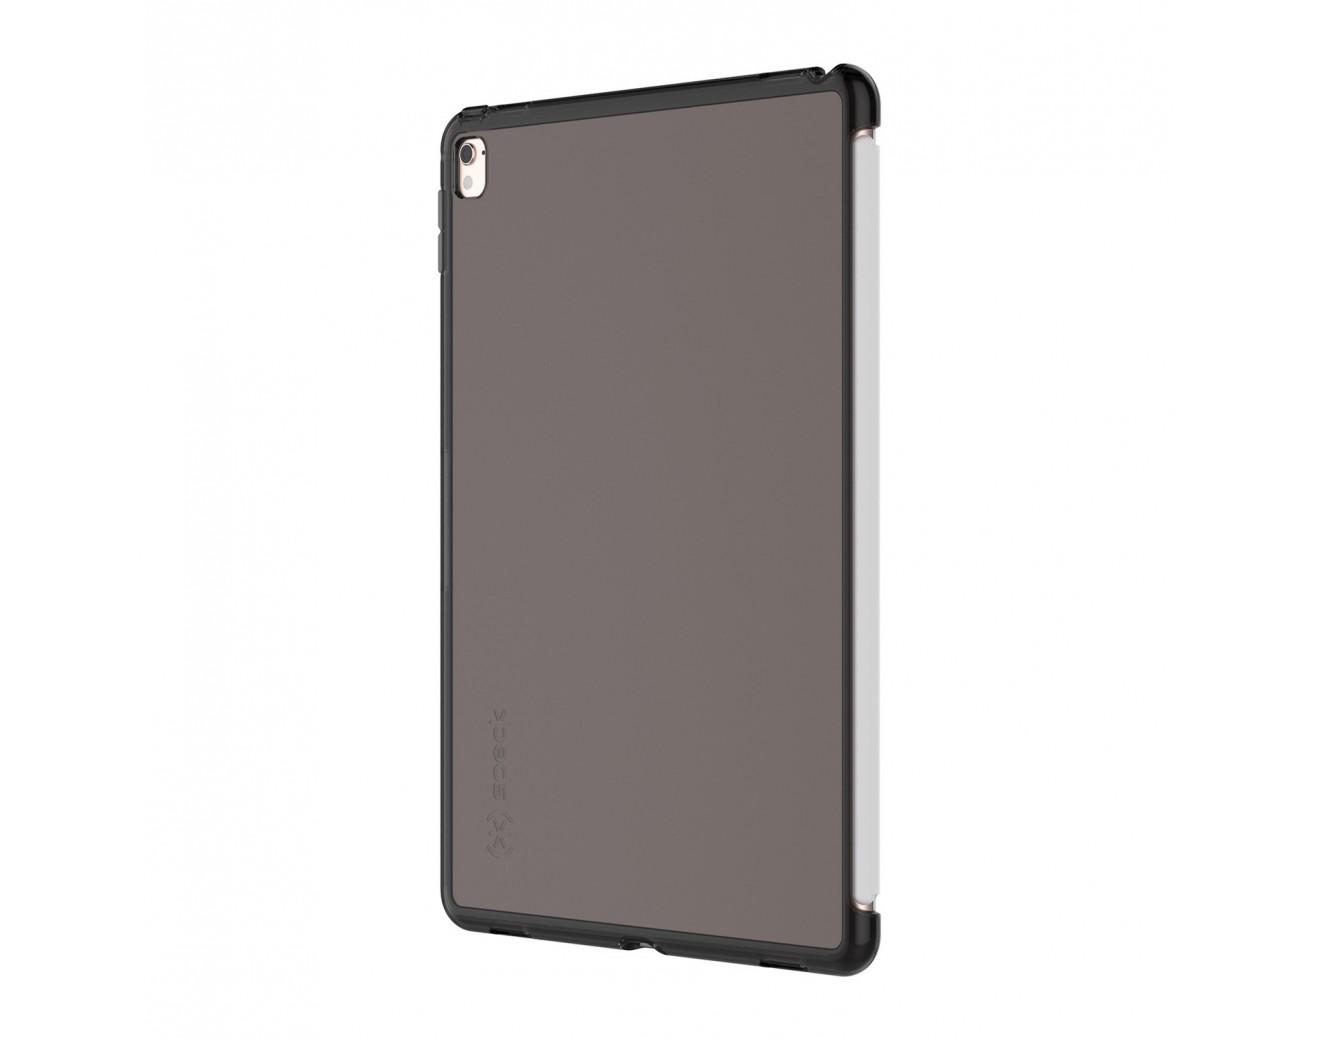 Калъф Speck SmartShell Plus iPad Pro 12.9inch - Onyx